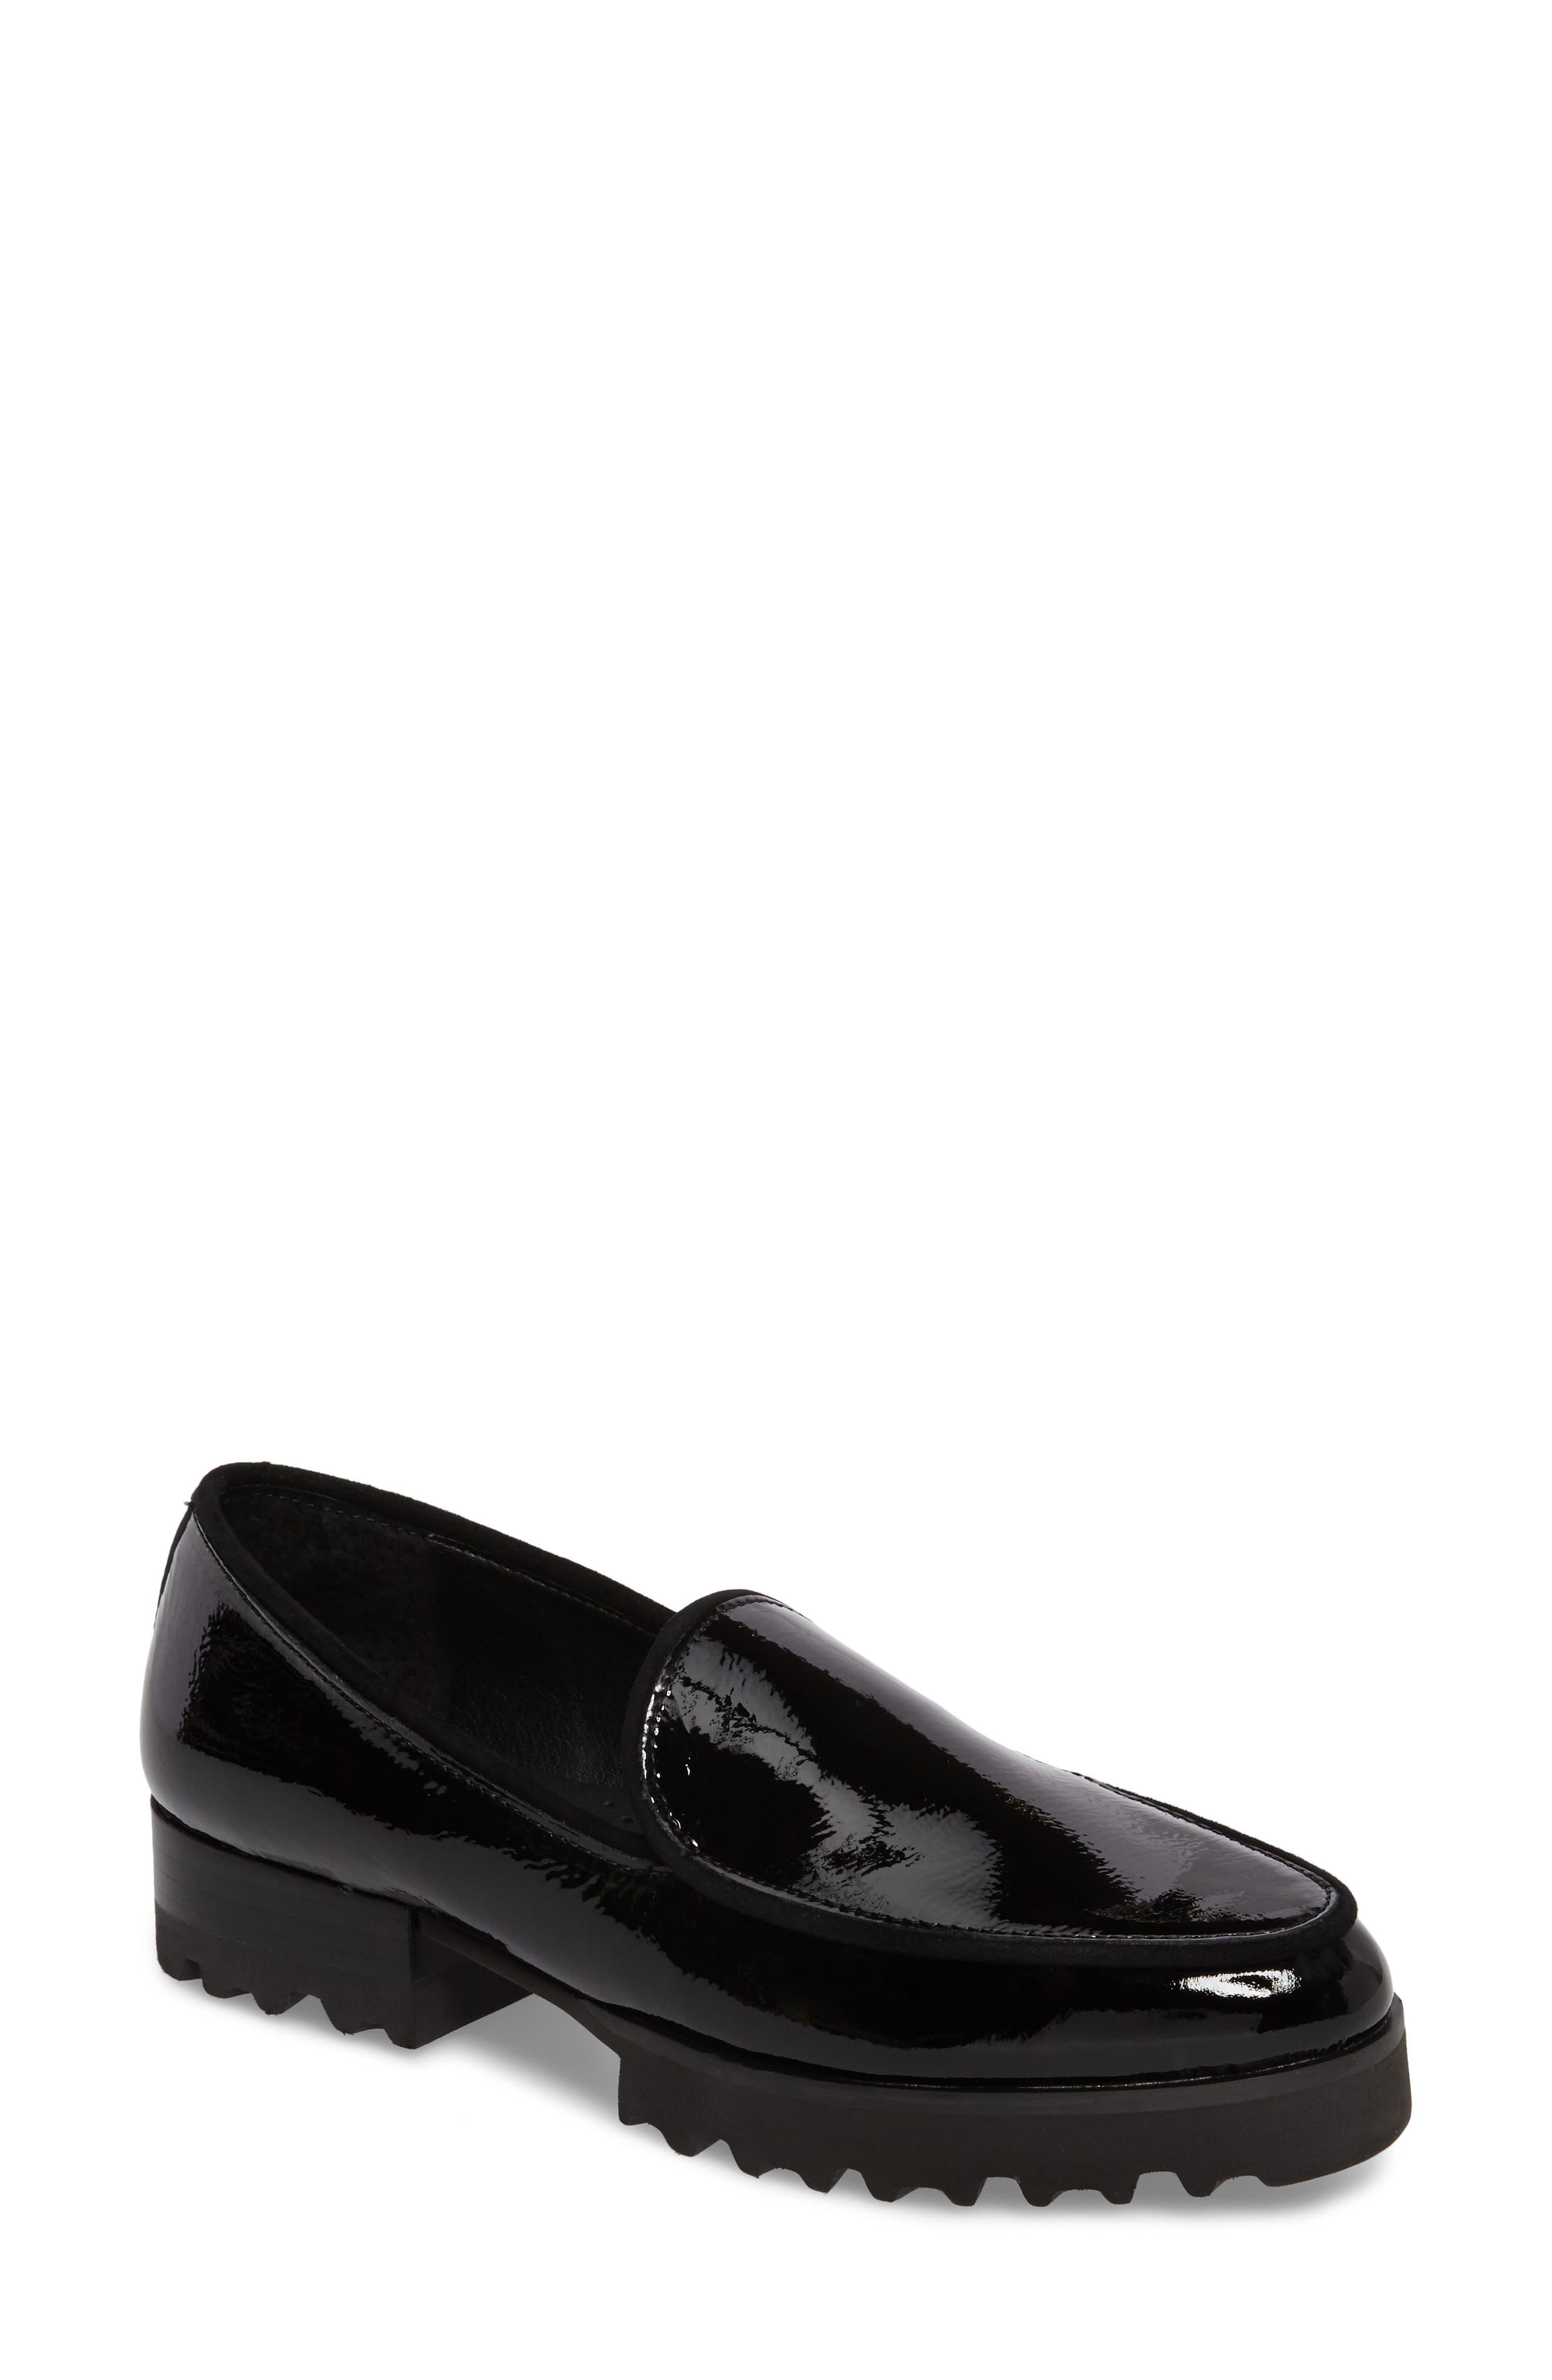 Elen Loafer,                         Main,                         color, Black Leather